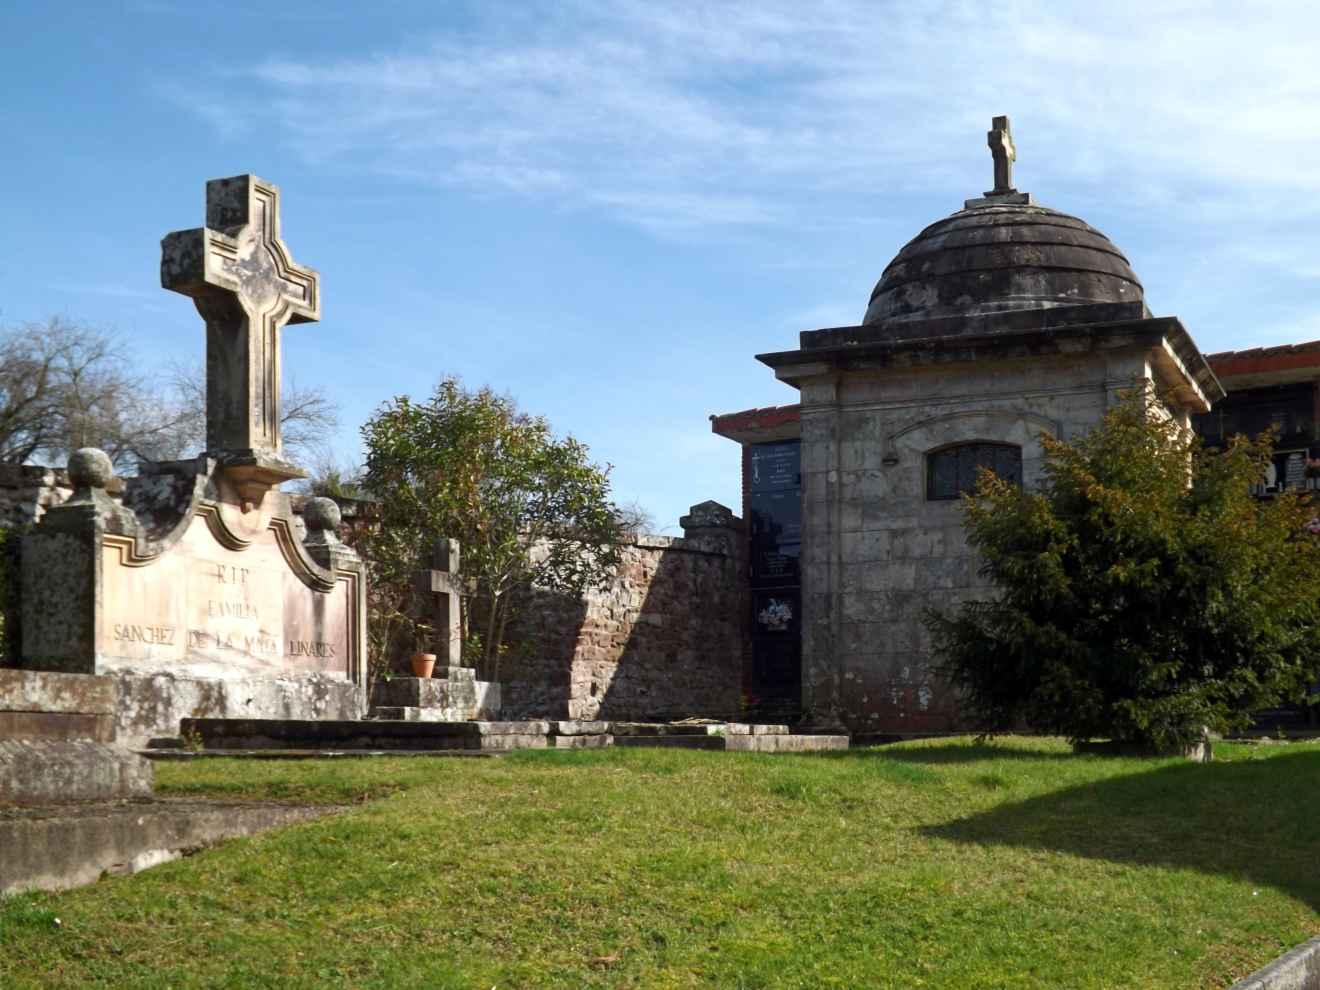 Panteones en el cementerio